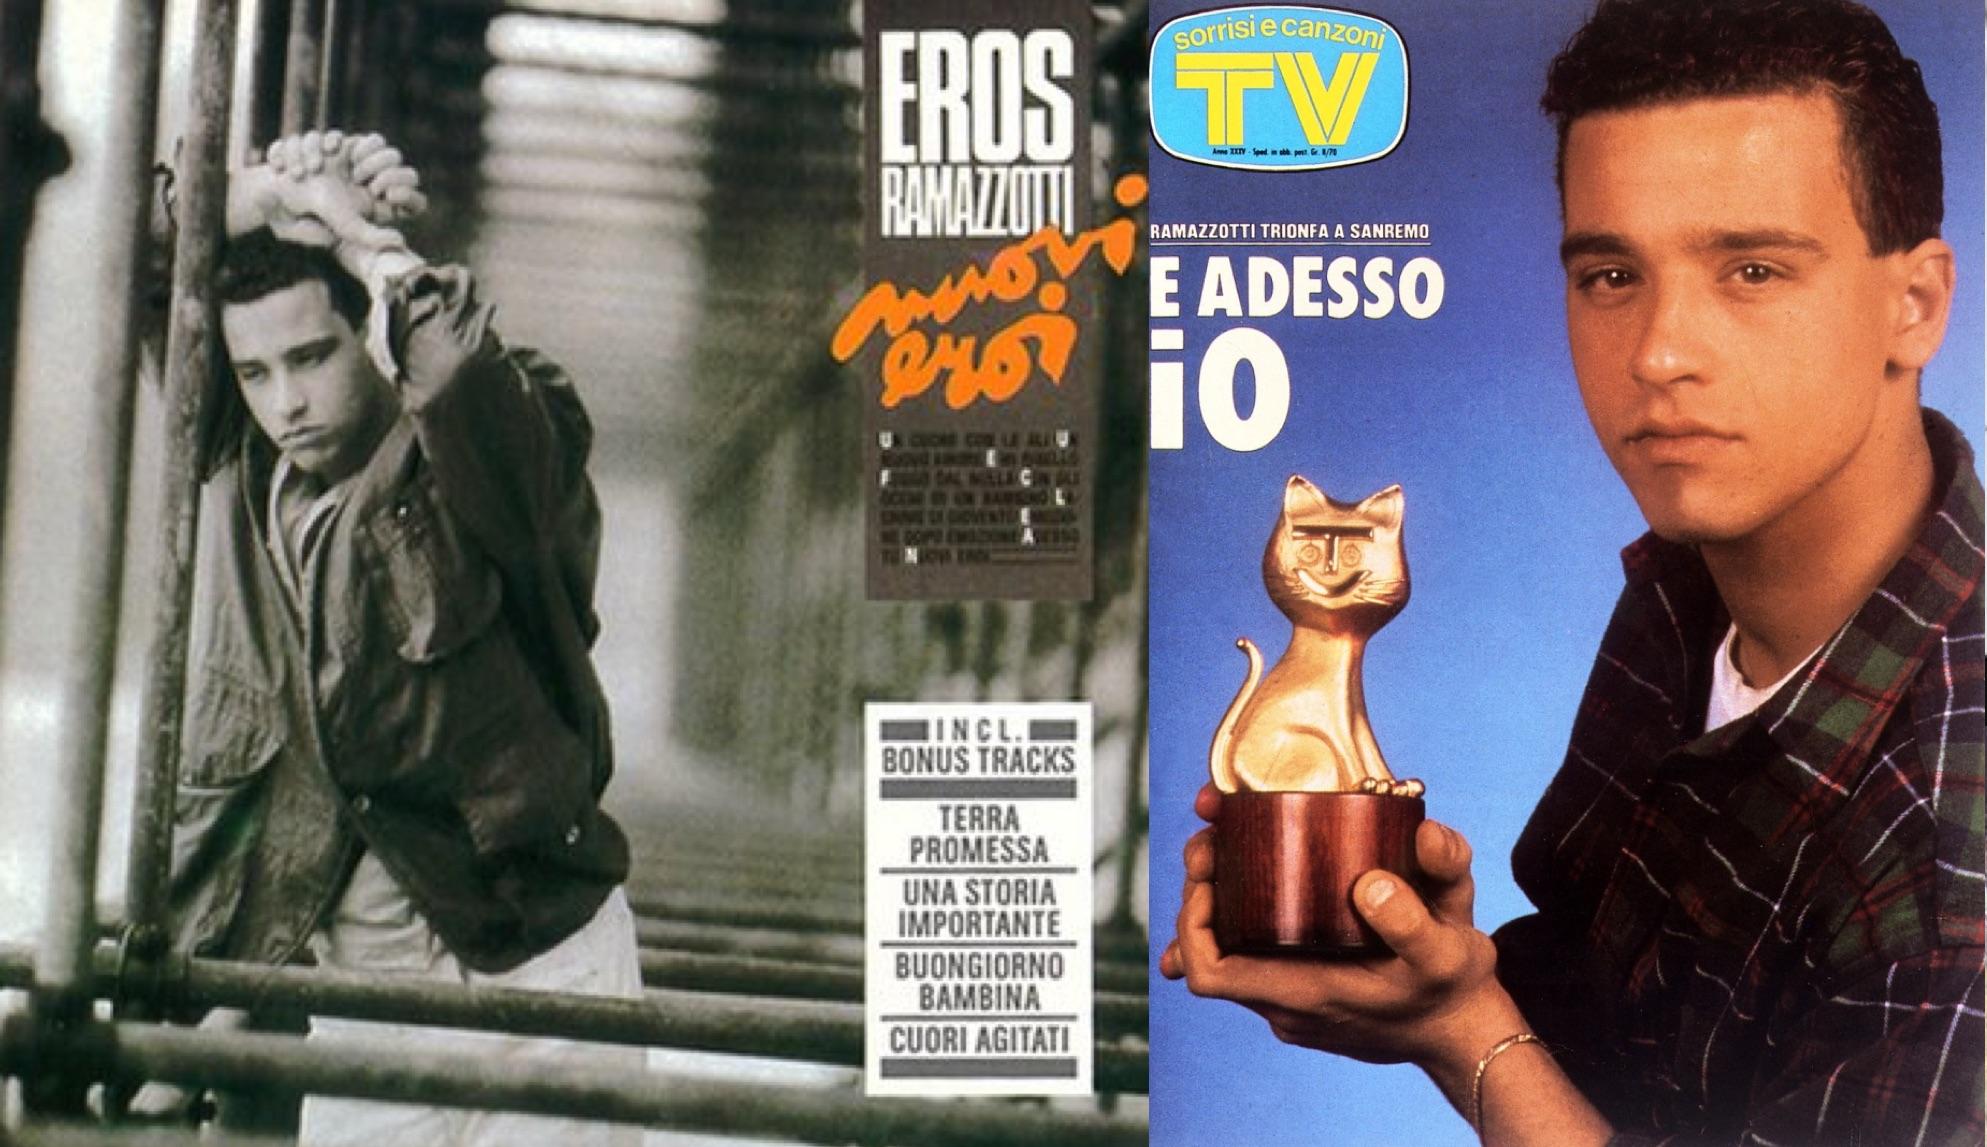 """Izq.: El álbum """"Nuovi eroi"""". Der.: Portada dedicada a la victoria de Eros en San Remo 1986."""